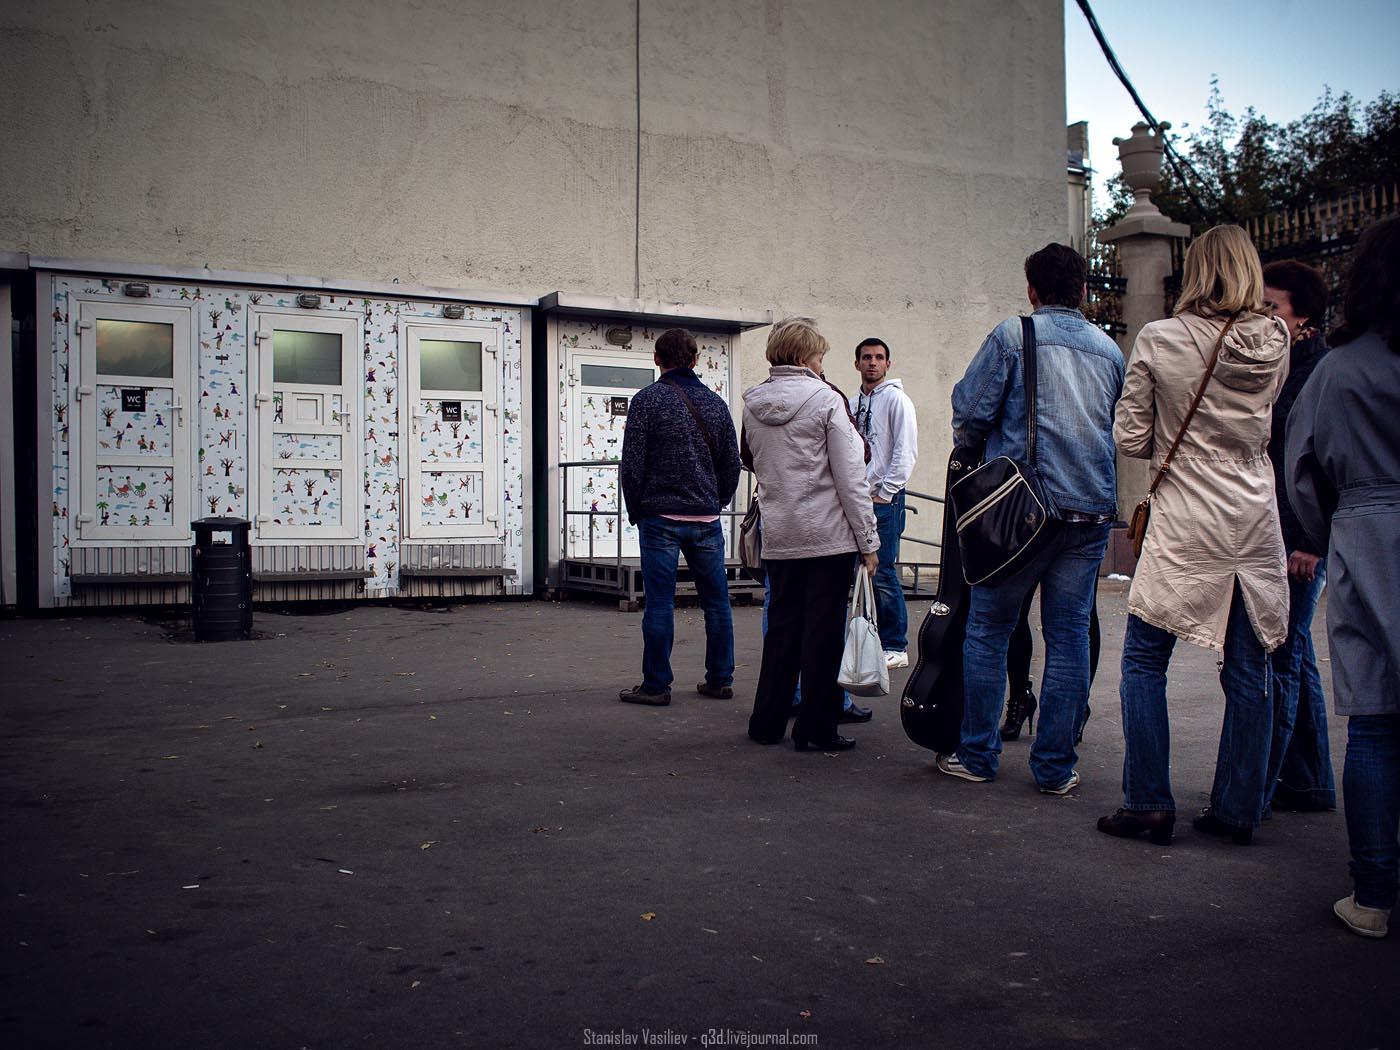 День города - Москва - 2013 - #069